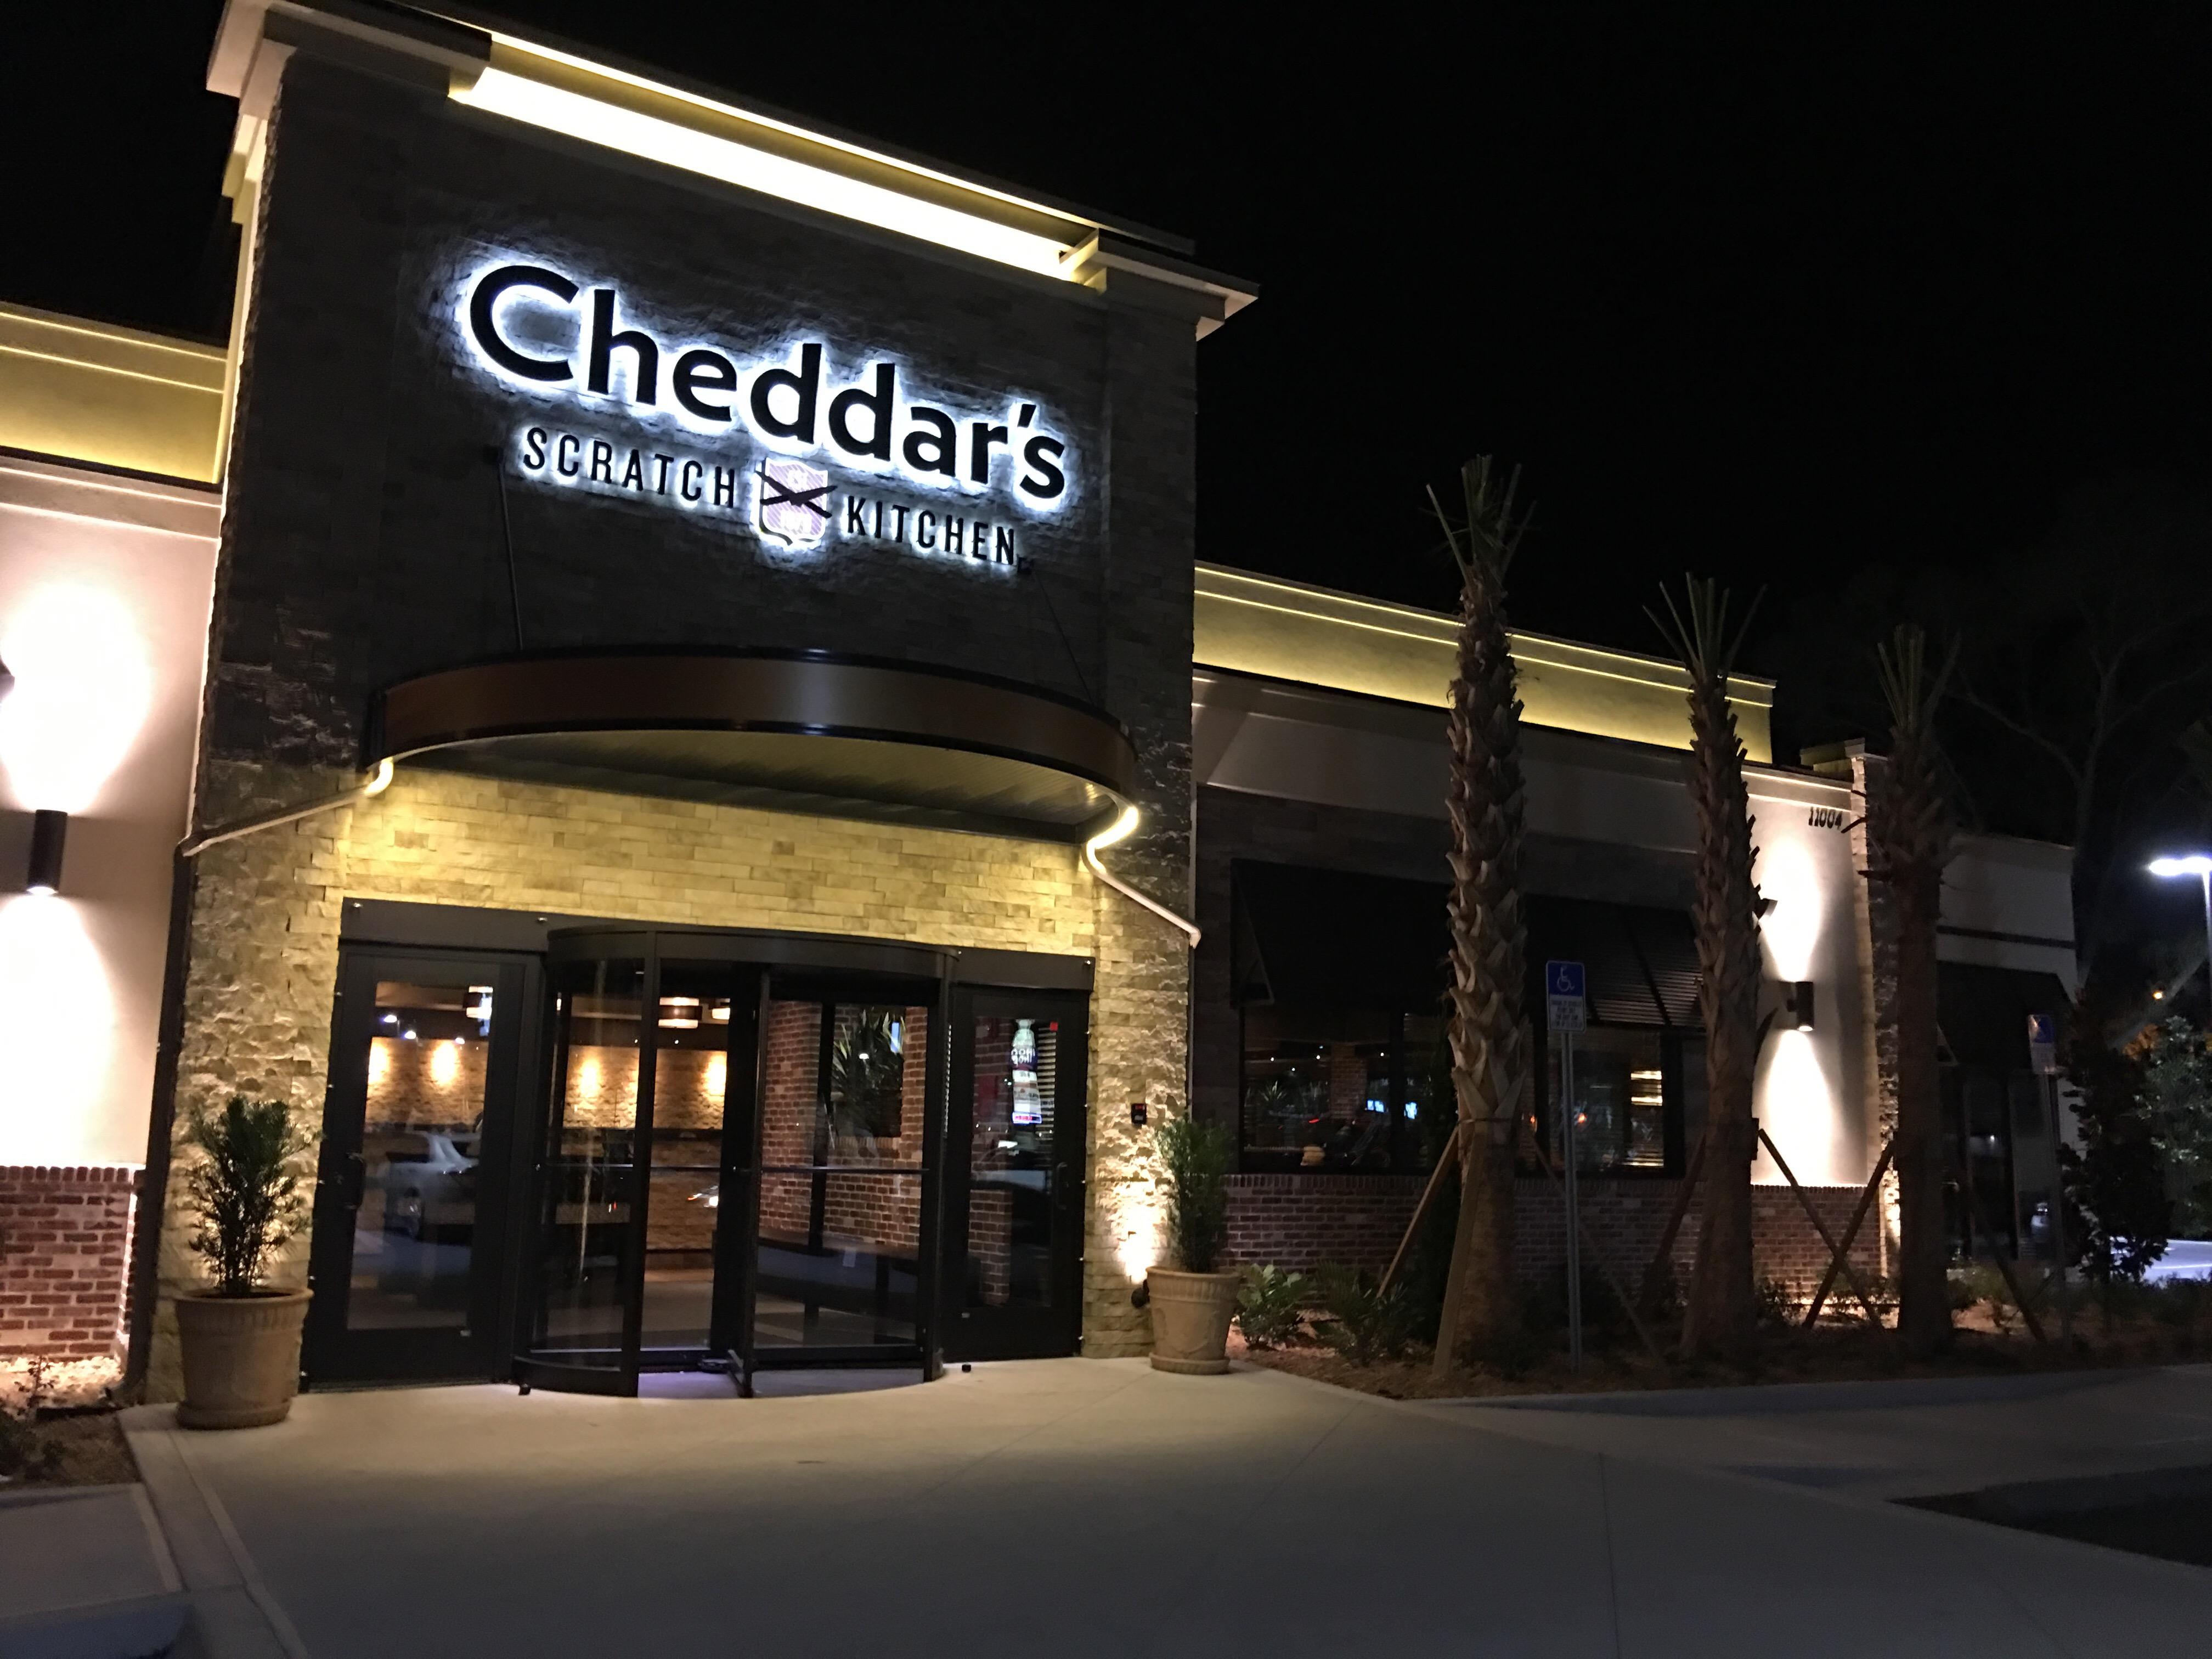 darden restaurants adds cheddar's scratch kitchen to portfolio